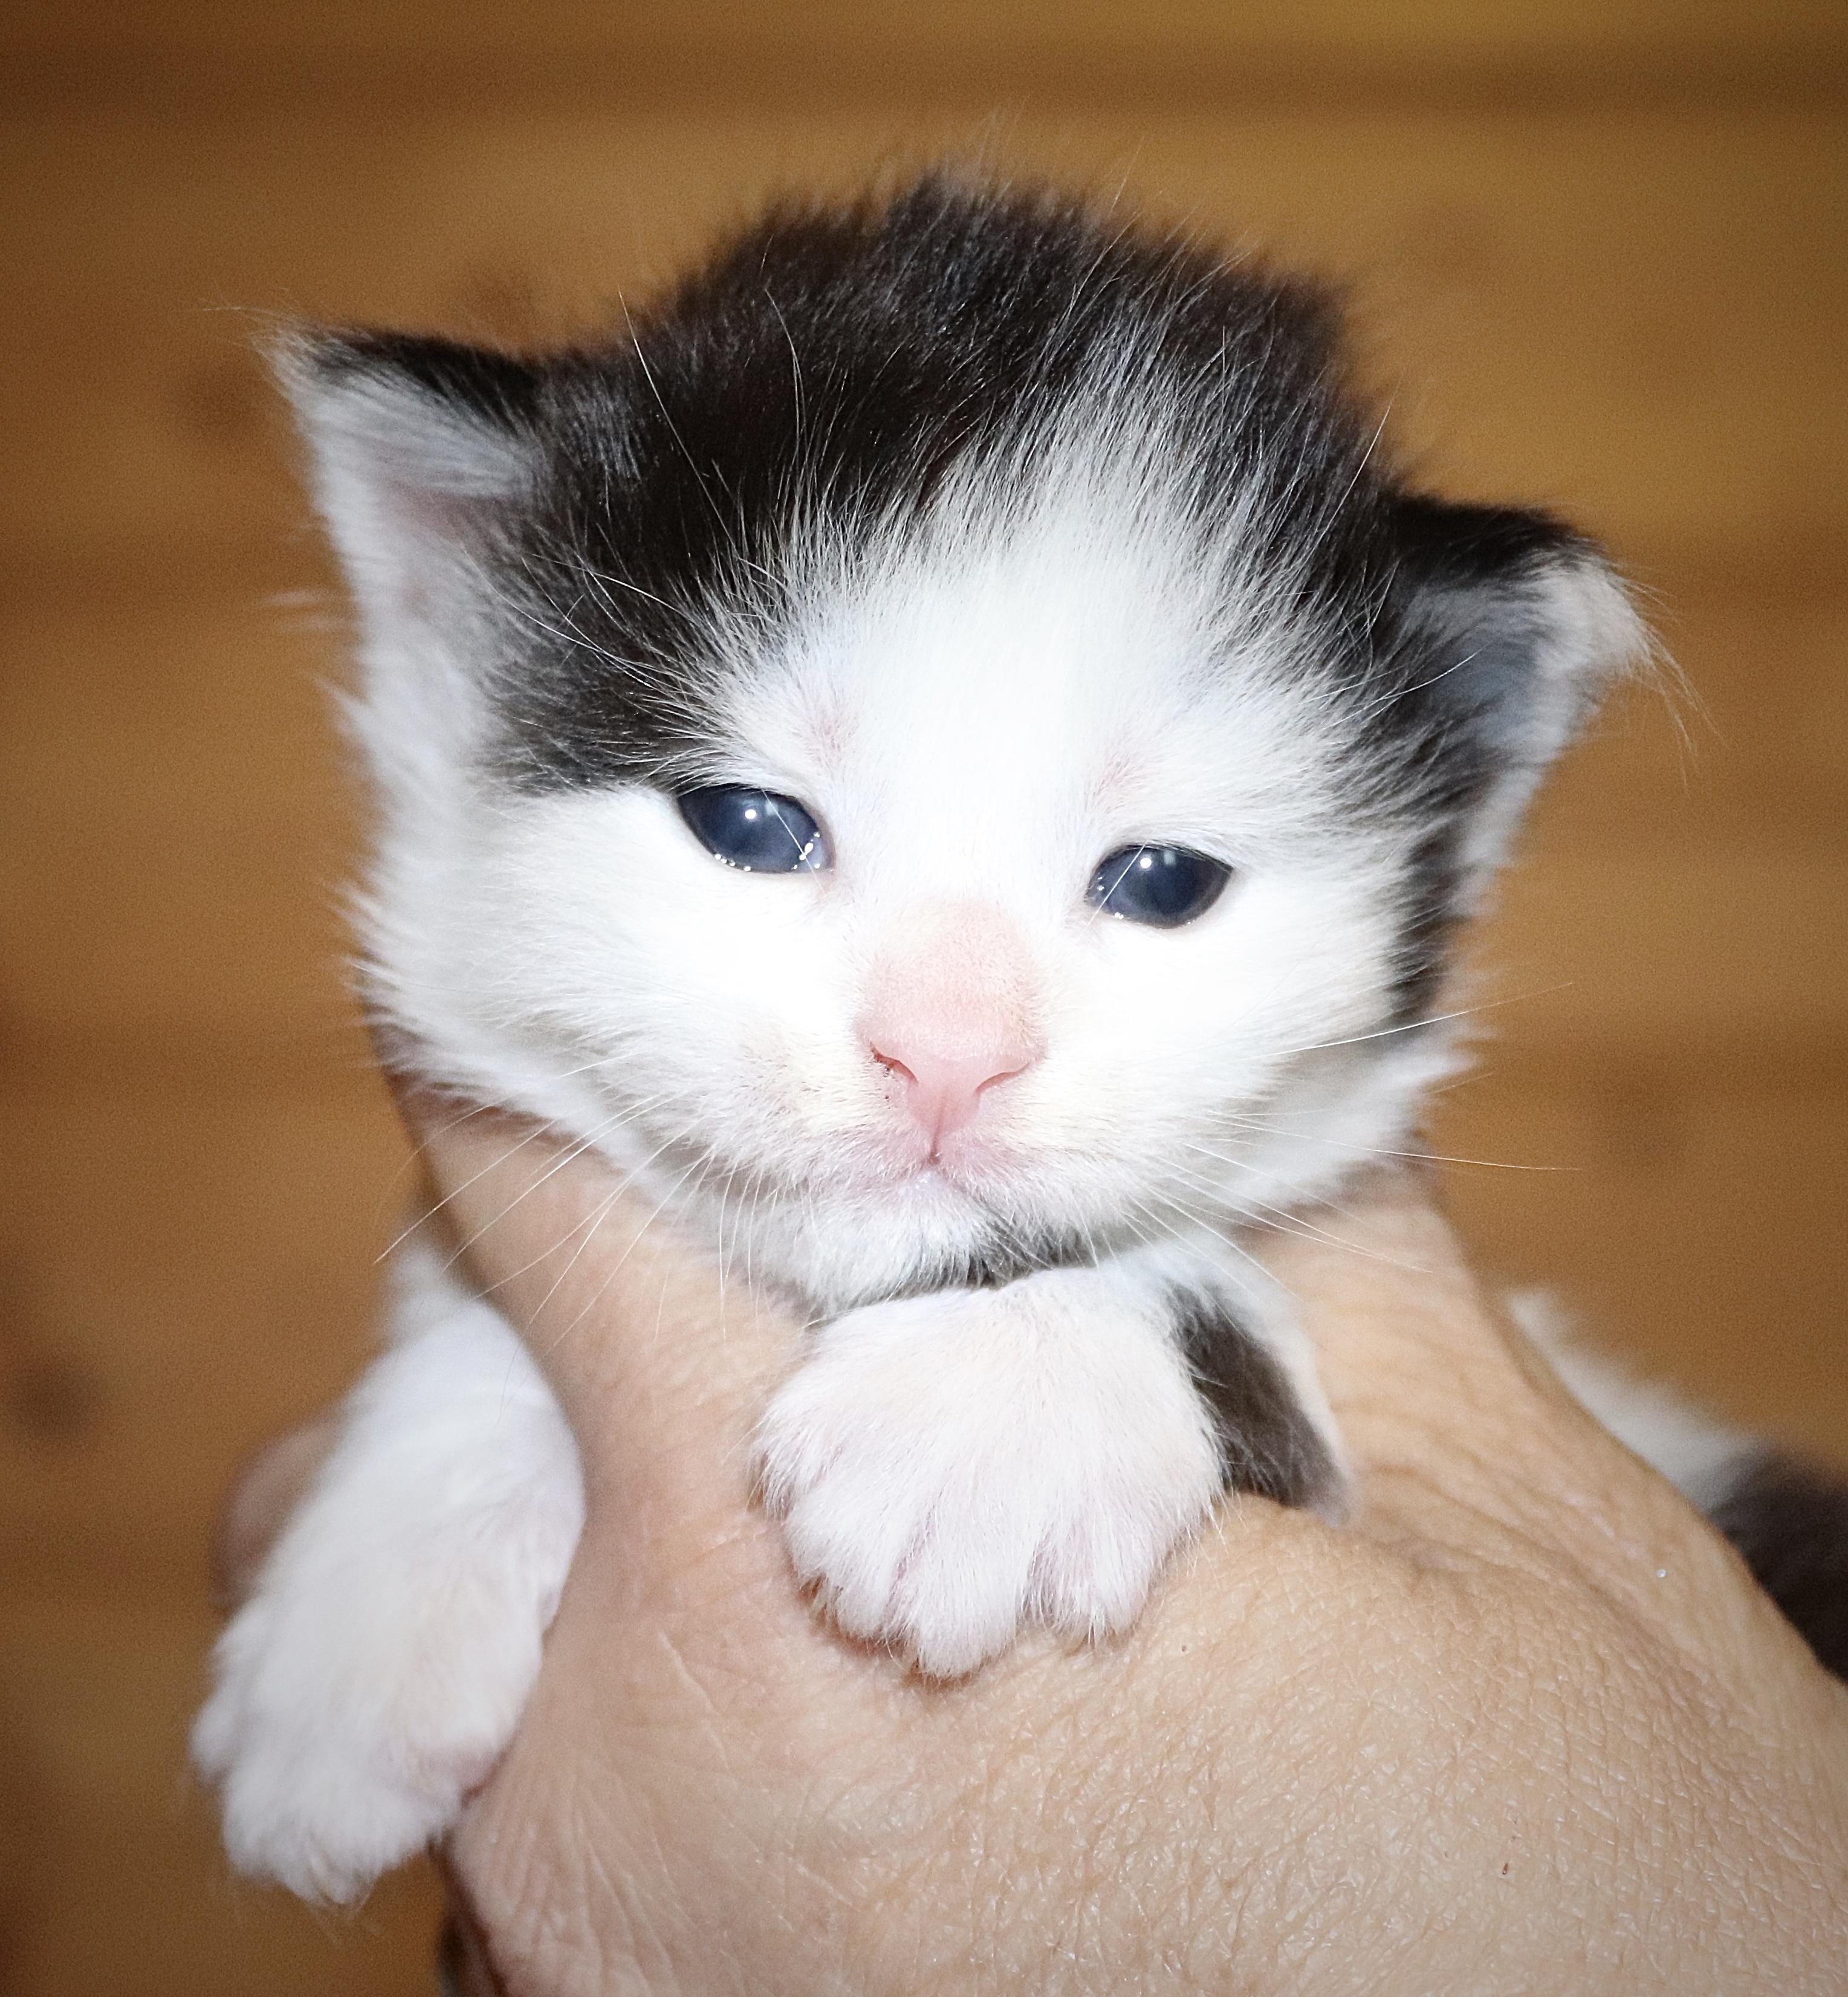 fotka kočky VRH I: ISABELLA UNO VON ERILLIAN*CZ